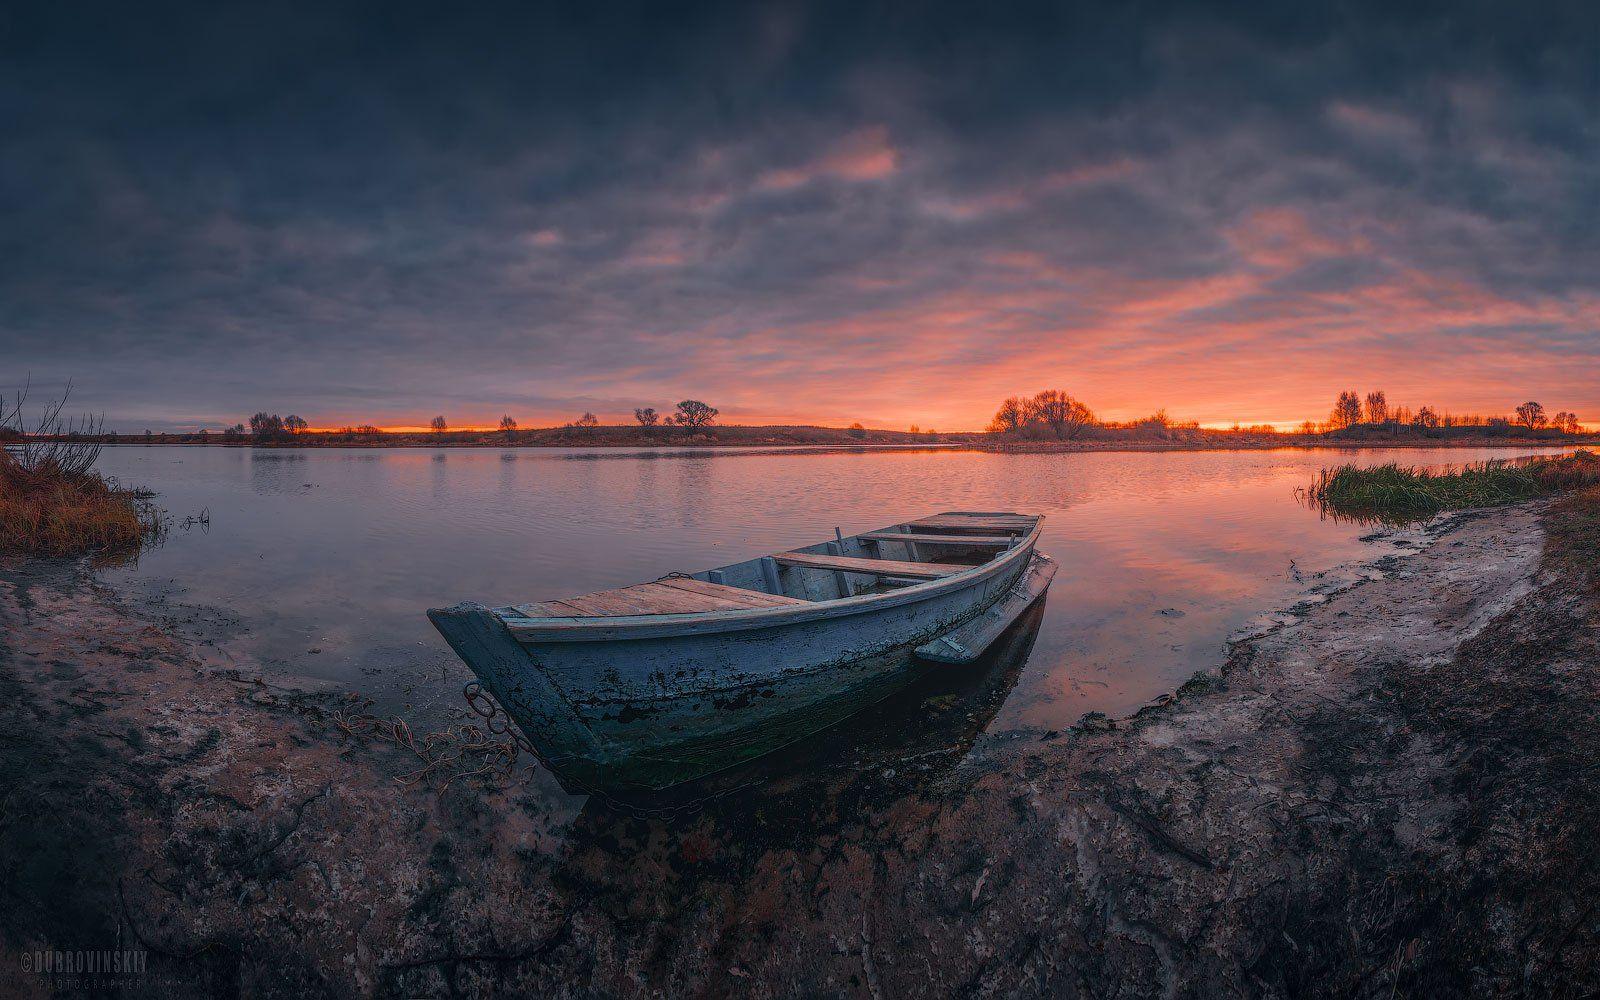 лодка, закат, река, тырница, осень, рязанская область, Дубровинский Михаил